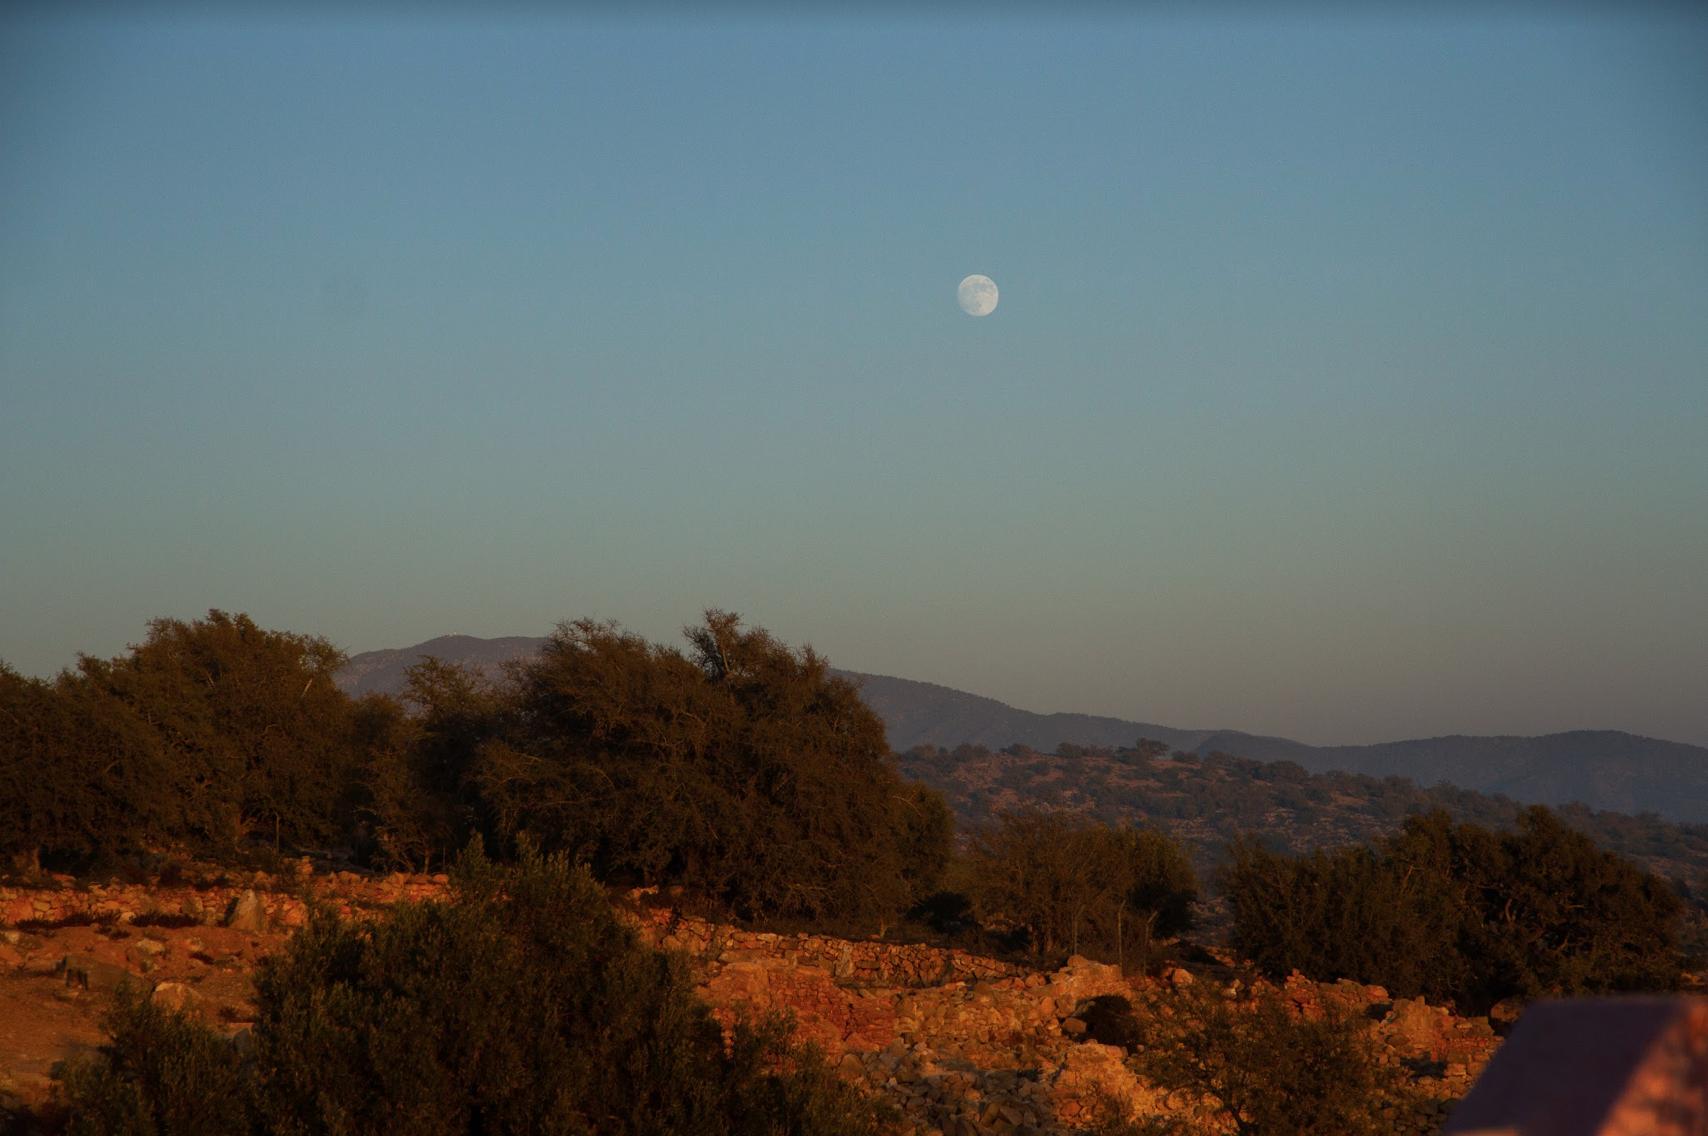 View from Tamazirt